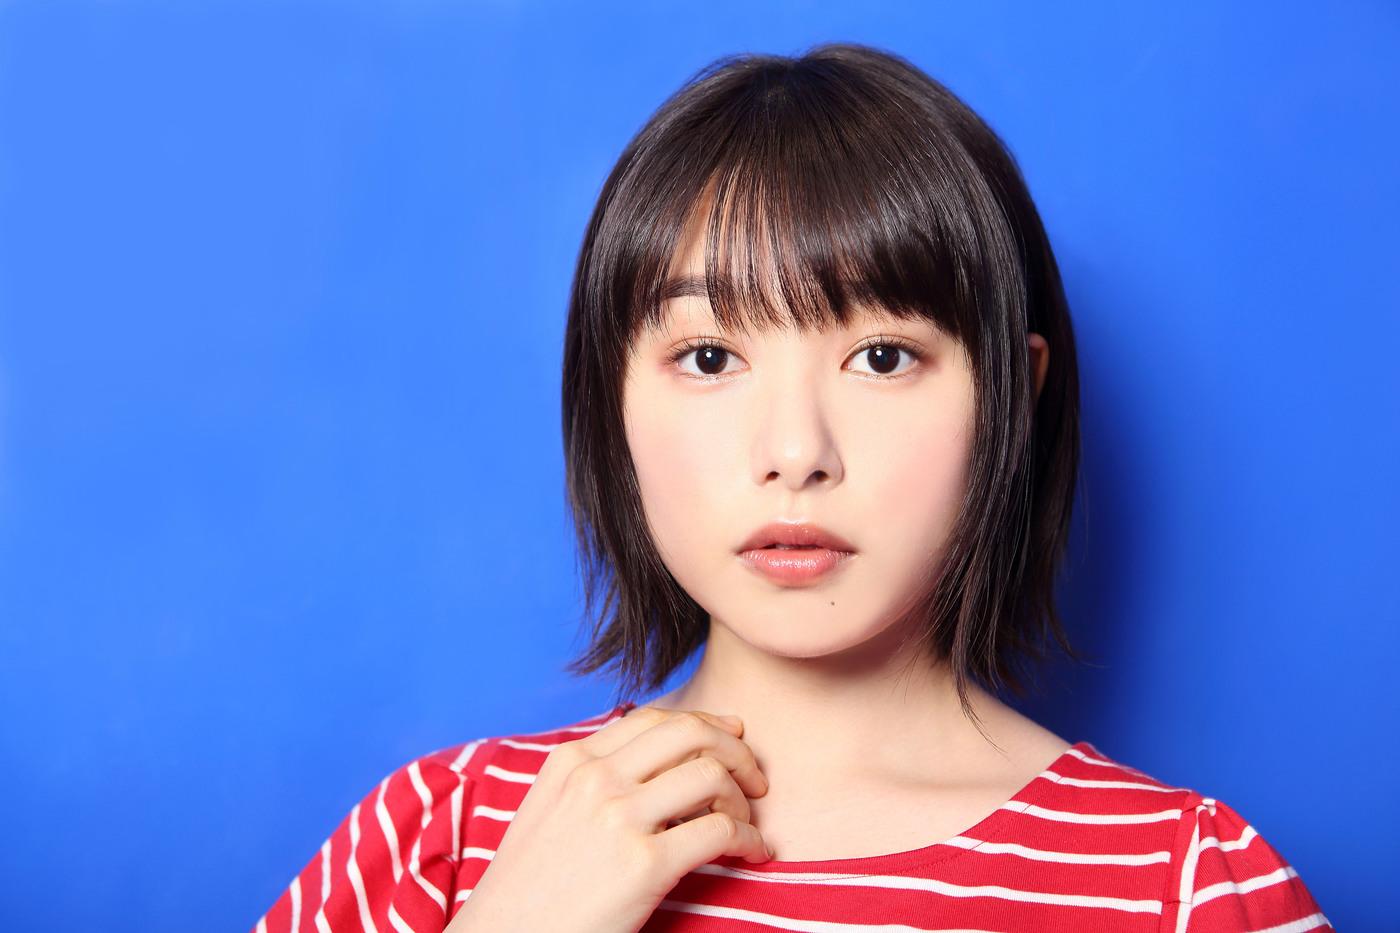 桜井日奈子がピュアなヒロインを熱演!吉沢亮のモノマネエピソードもの5枚目の画像